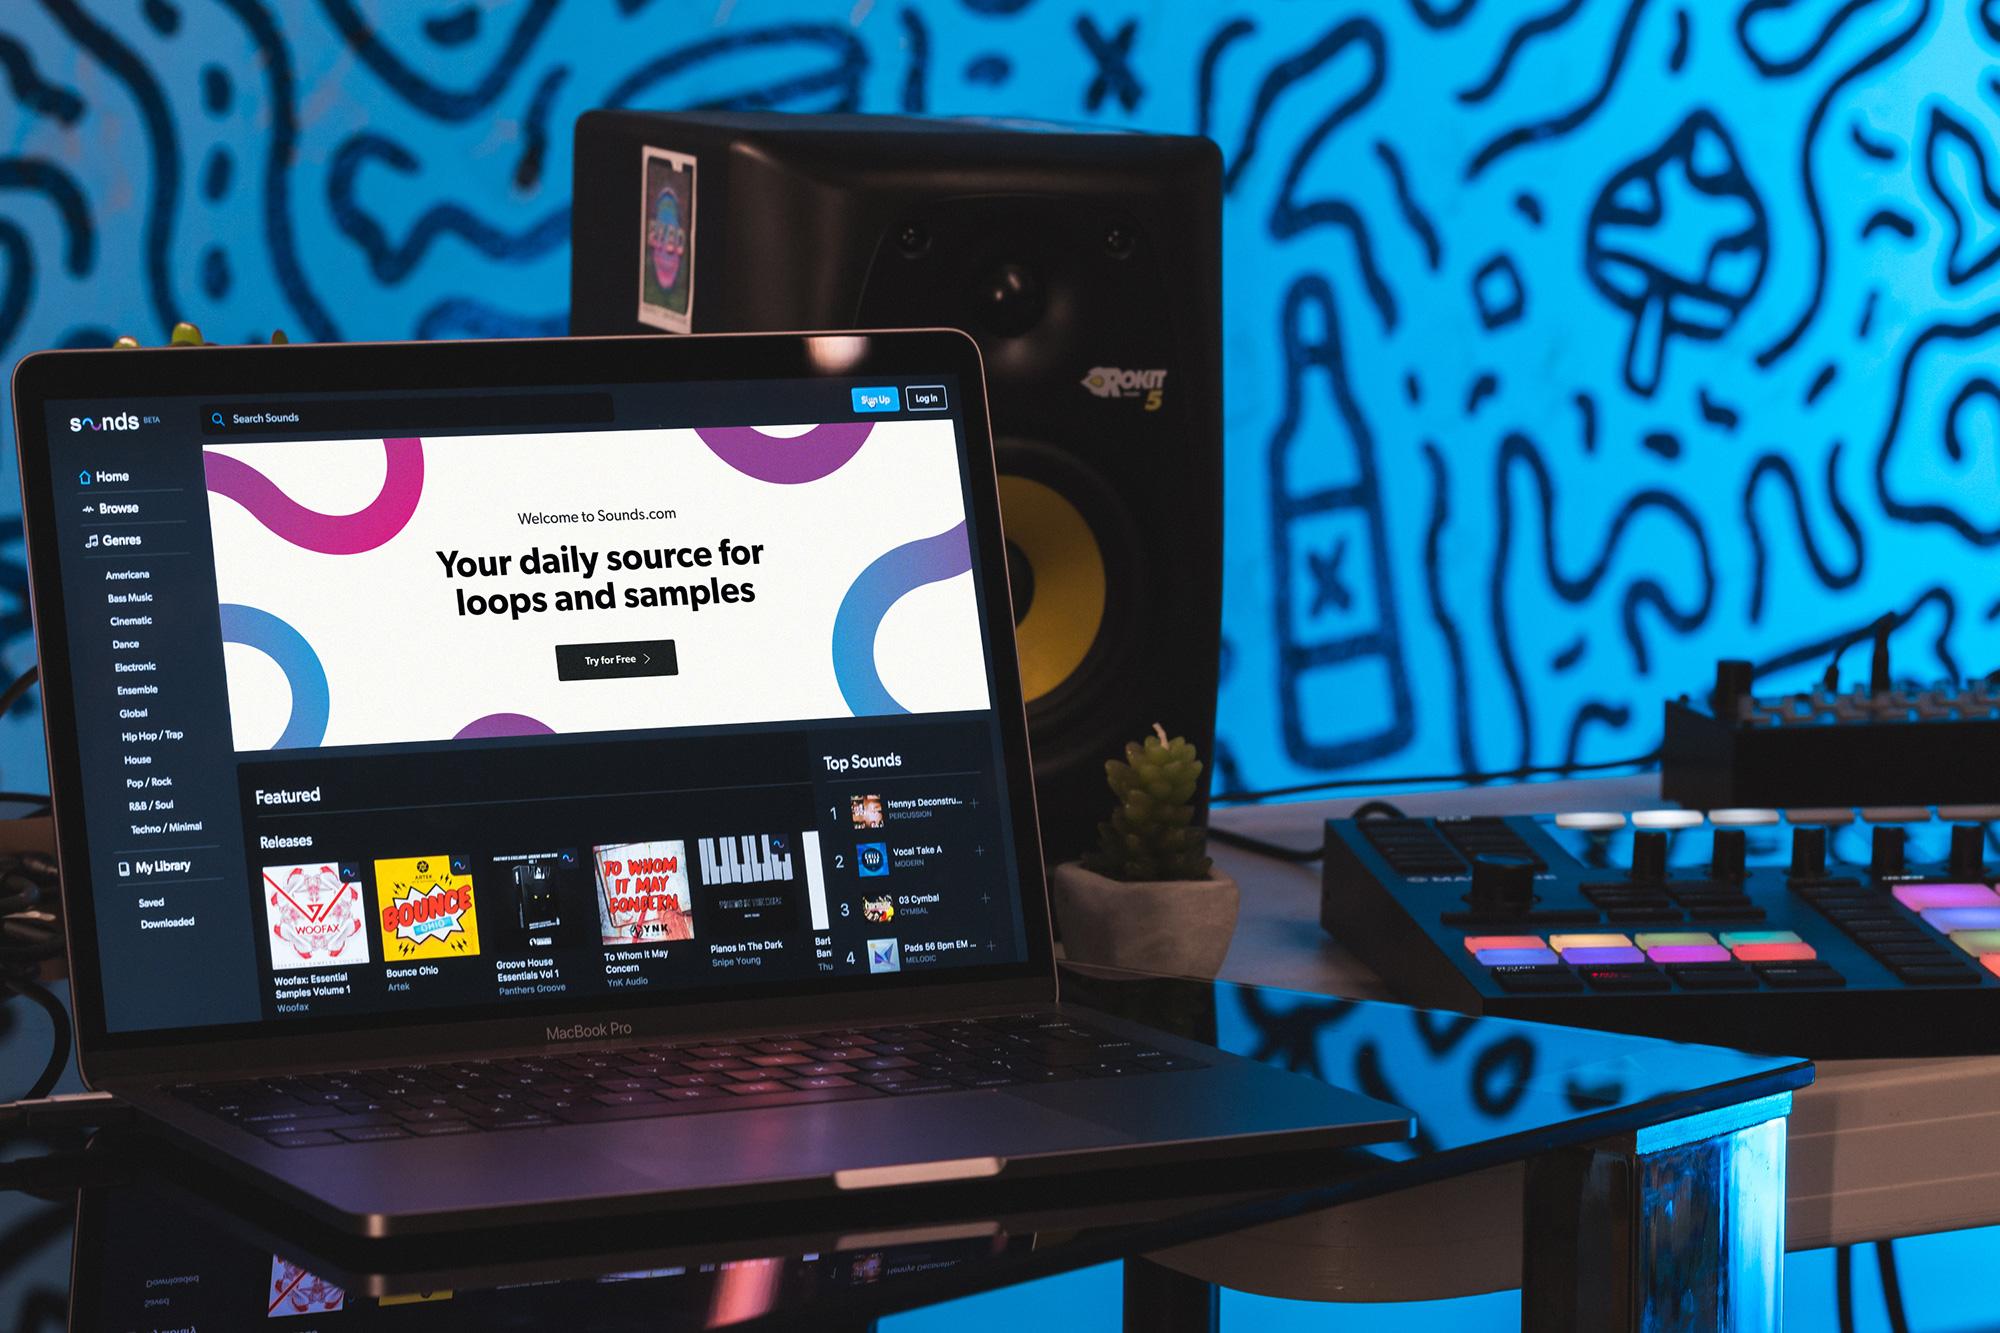 Native Instruments presenta Sounds.com, su nueva plataforma para descargar loops, samples y sonidos